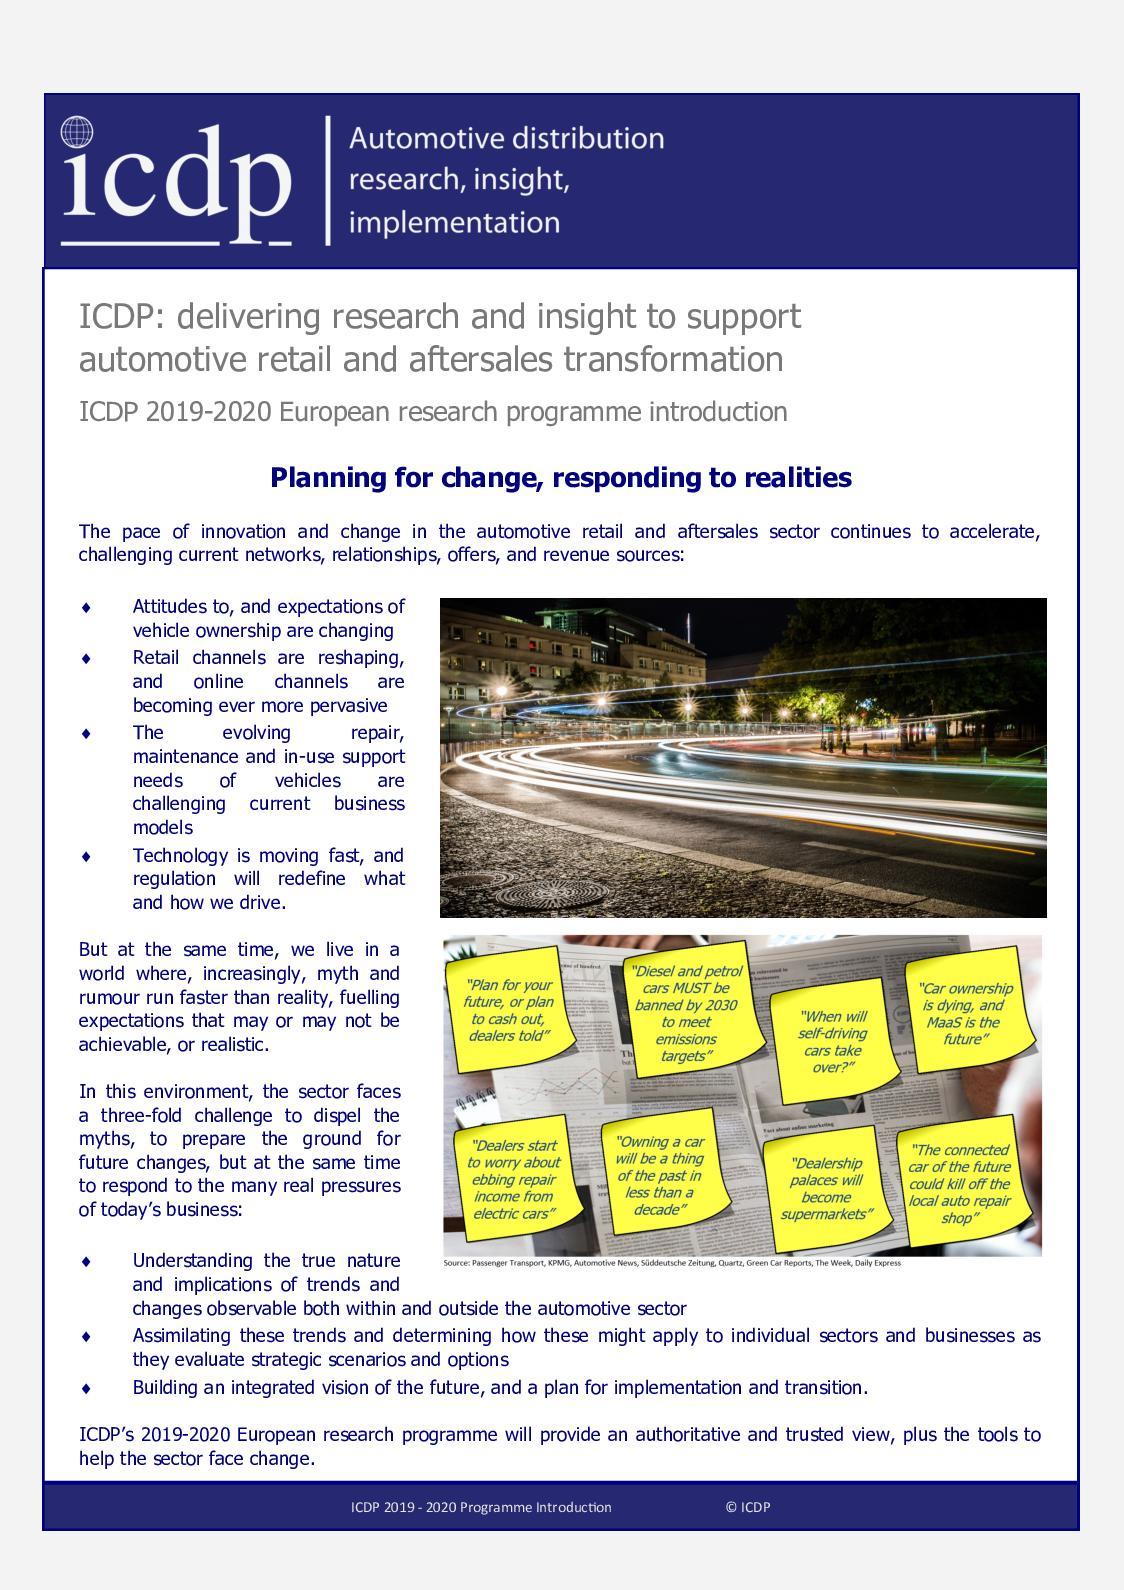 Calaméo - ICDP 2019 2020 Programme Outline